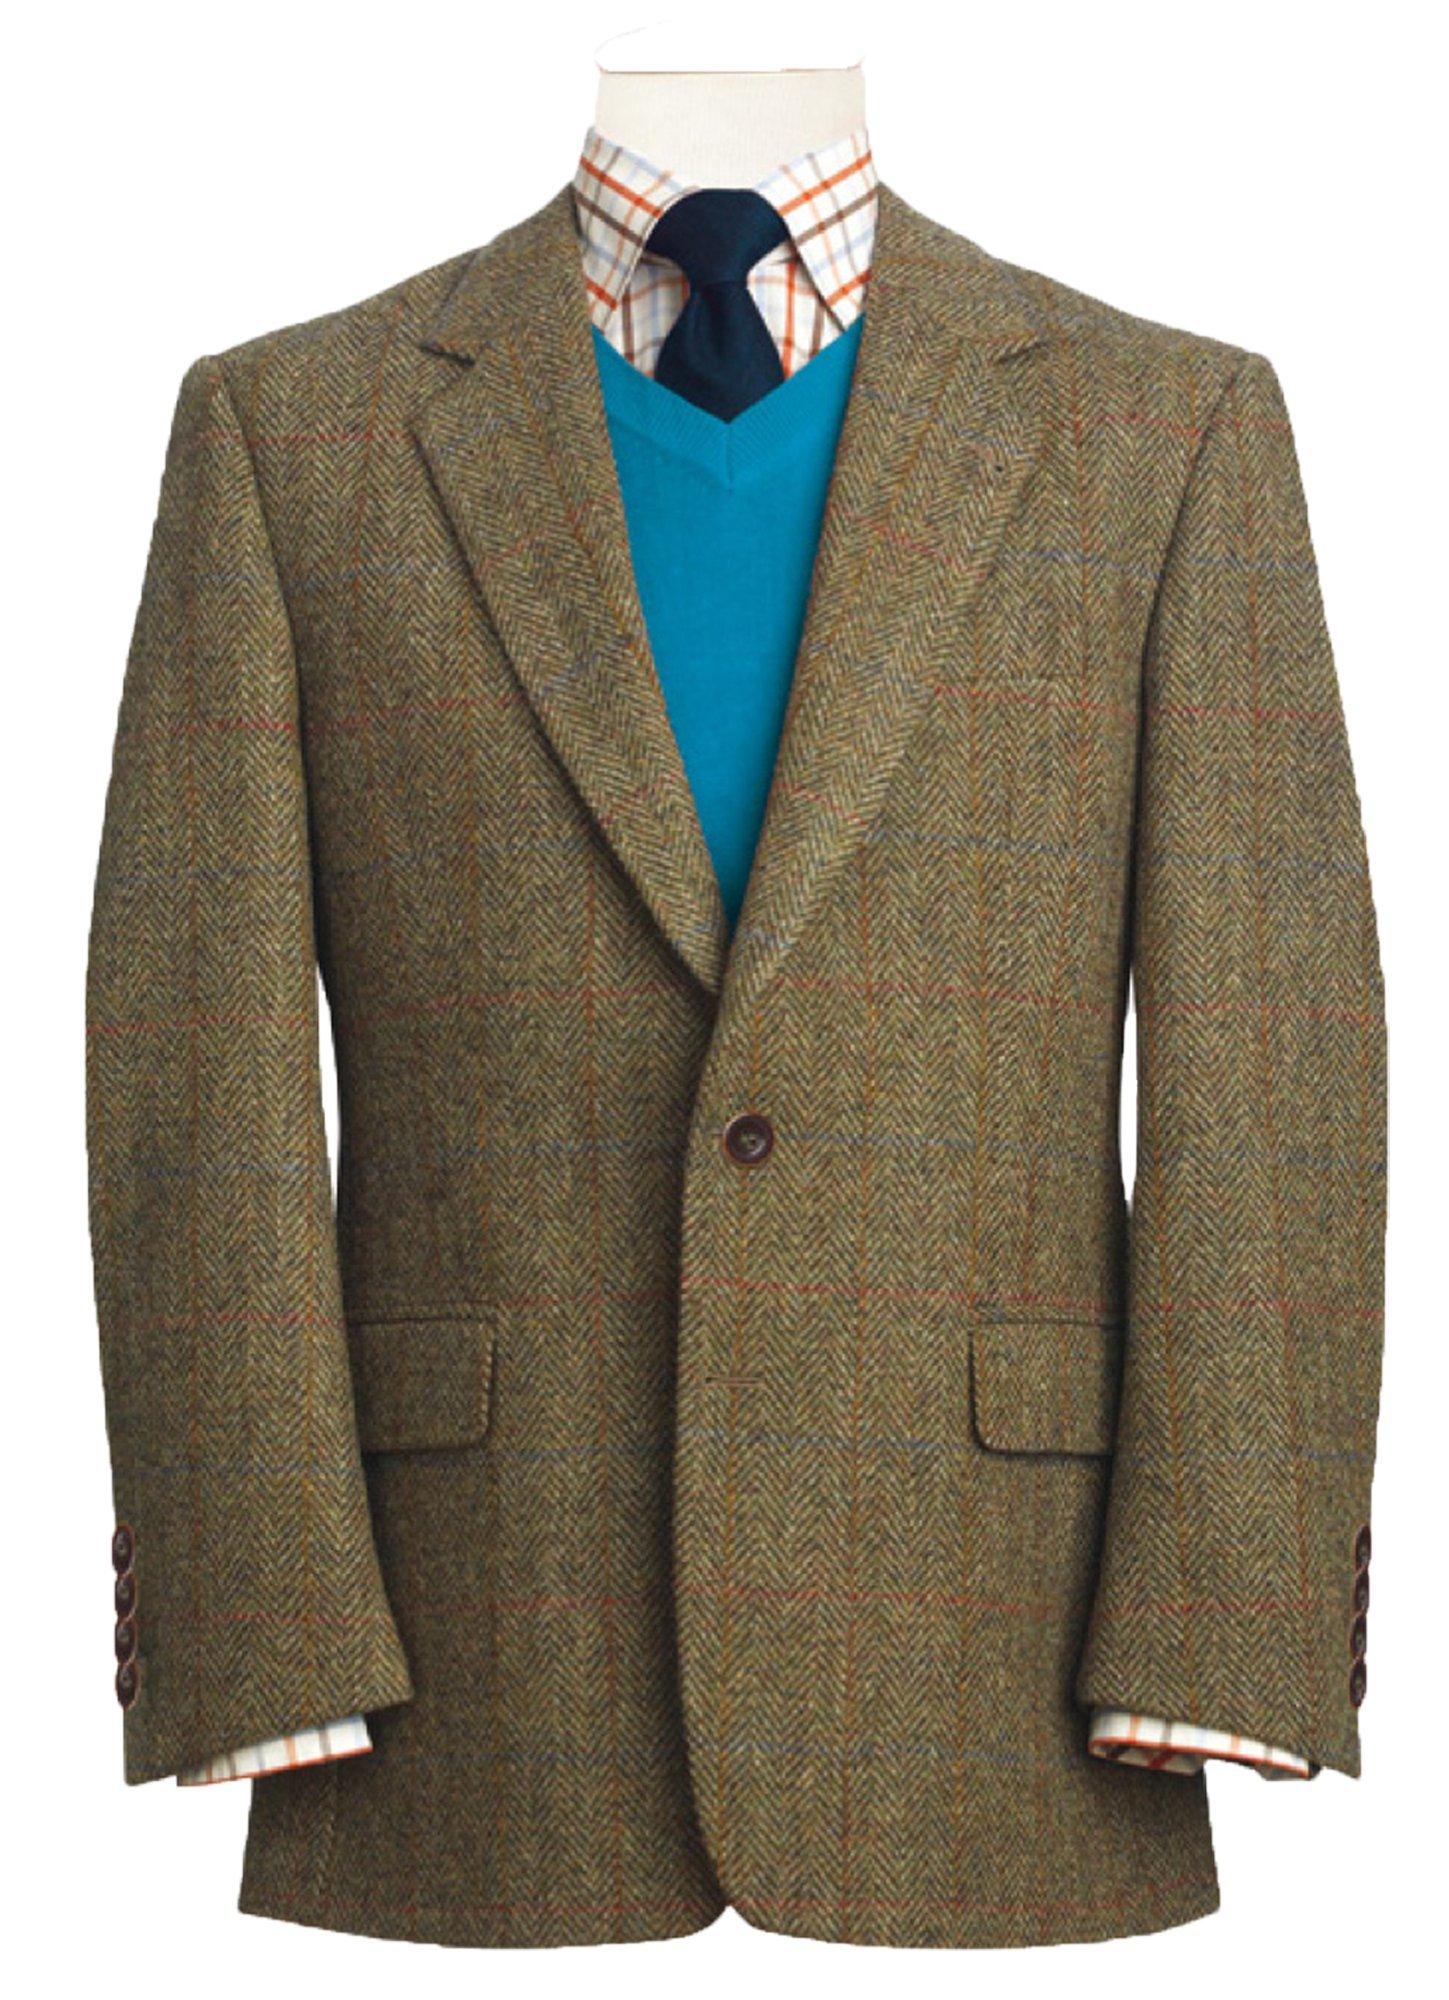 THE FINE SWINE Harris Tweed Coats (Lovat Green Stromay, 42L)